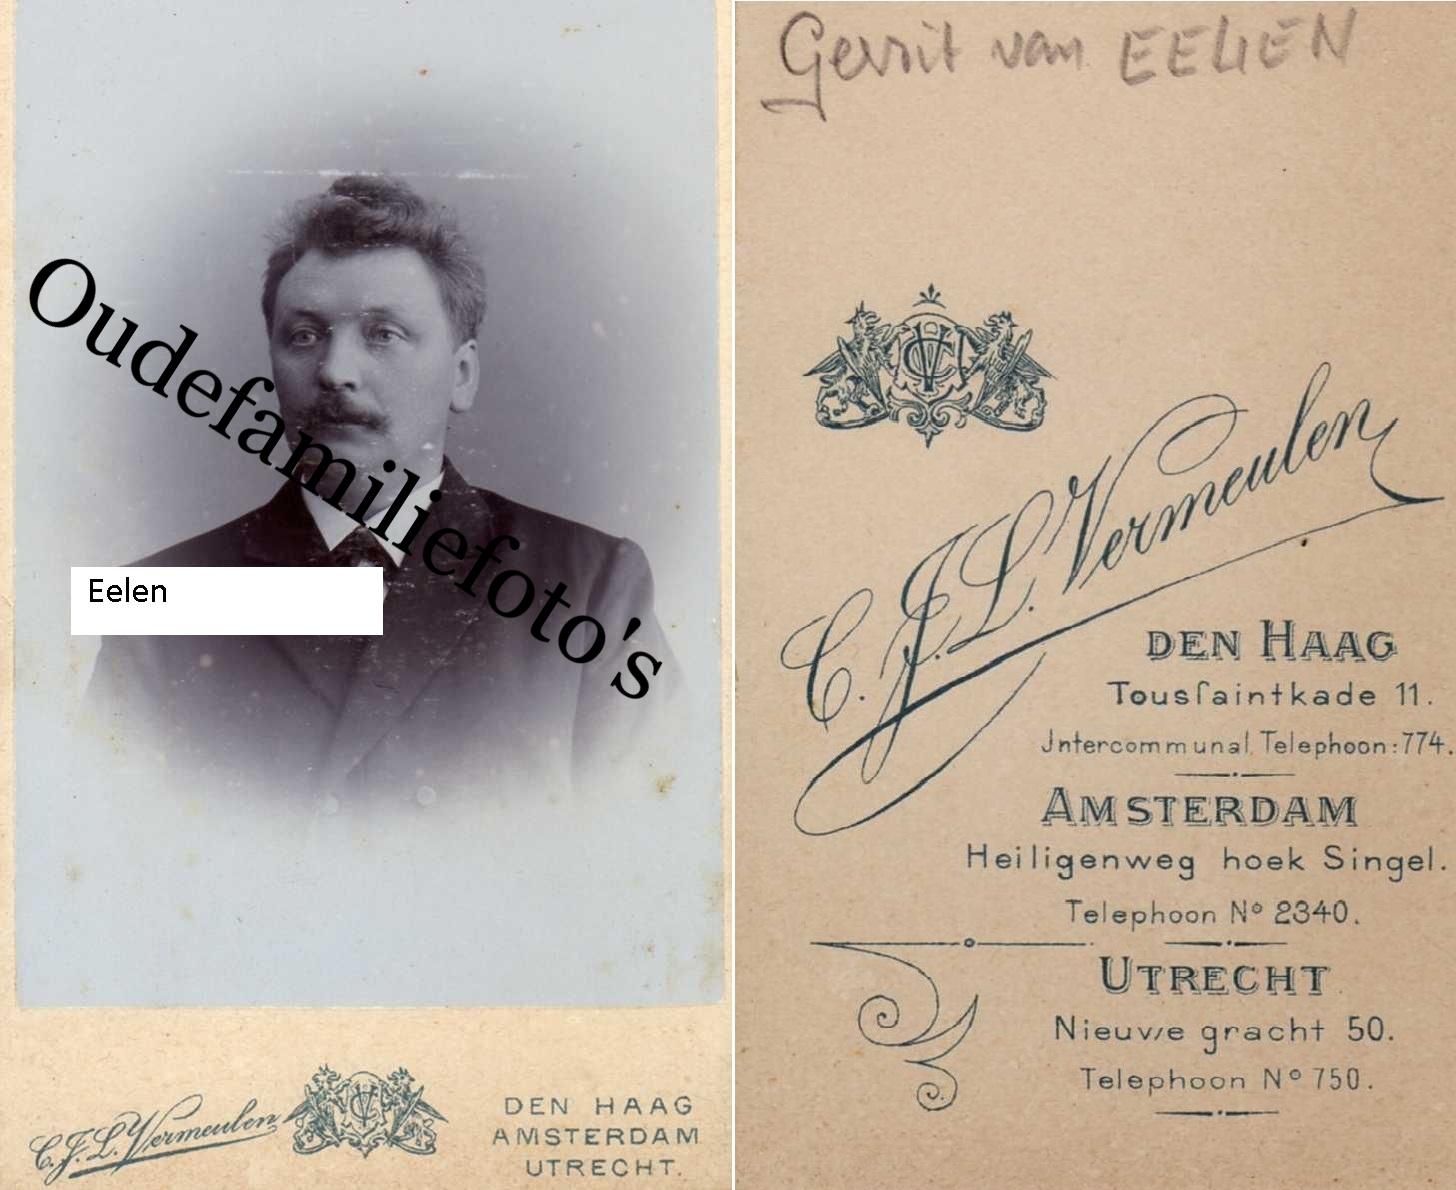 Eelen van, Gerrit Geb. 22-3-1857 Zwolle Ovl. 10-9-1914 Zwolle getouwd met W.H. Bot. € 2,00